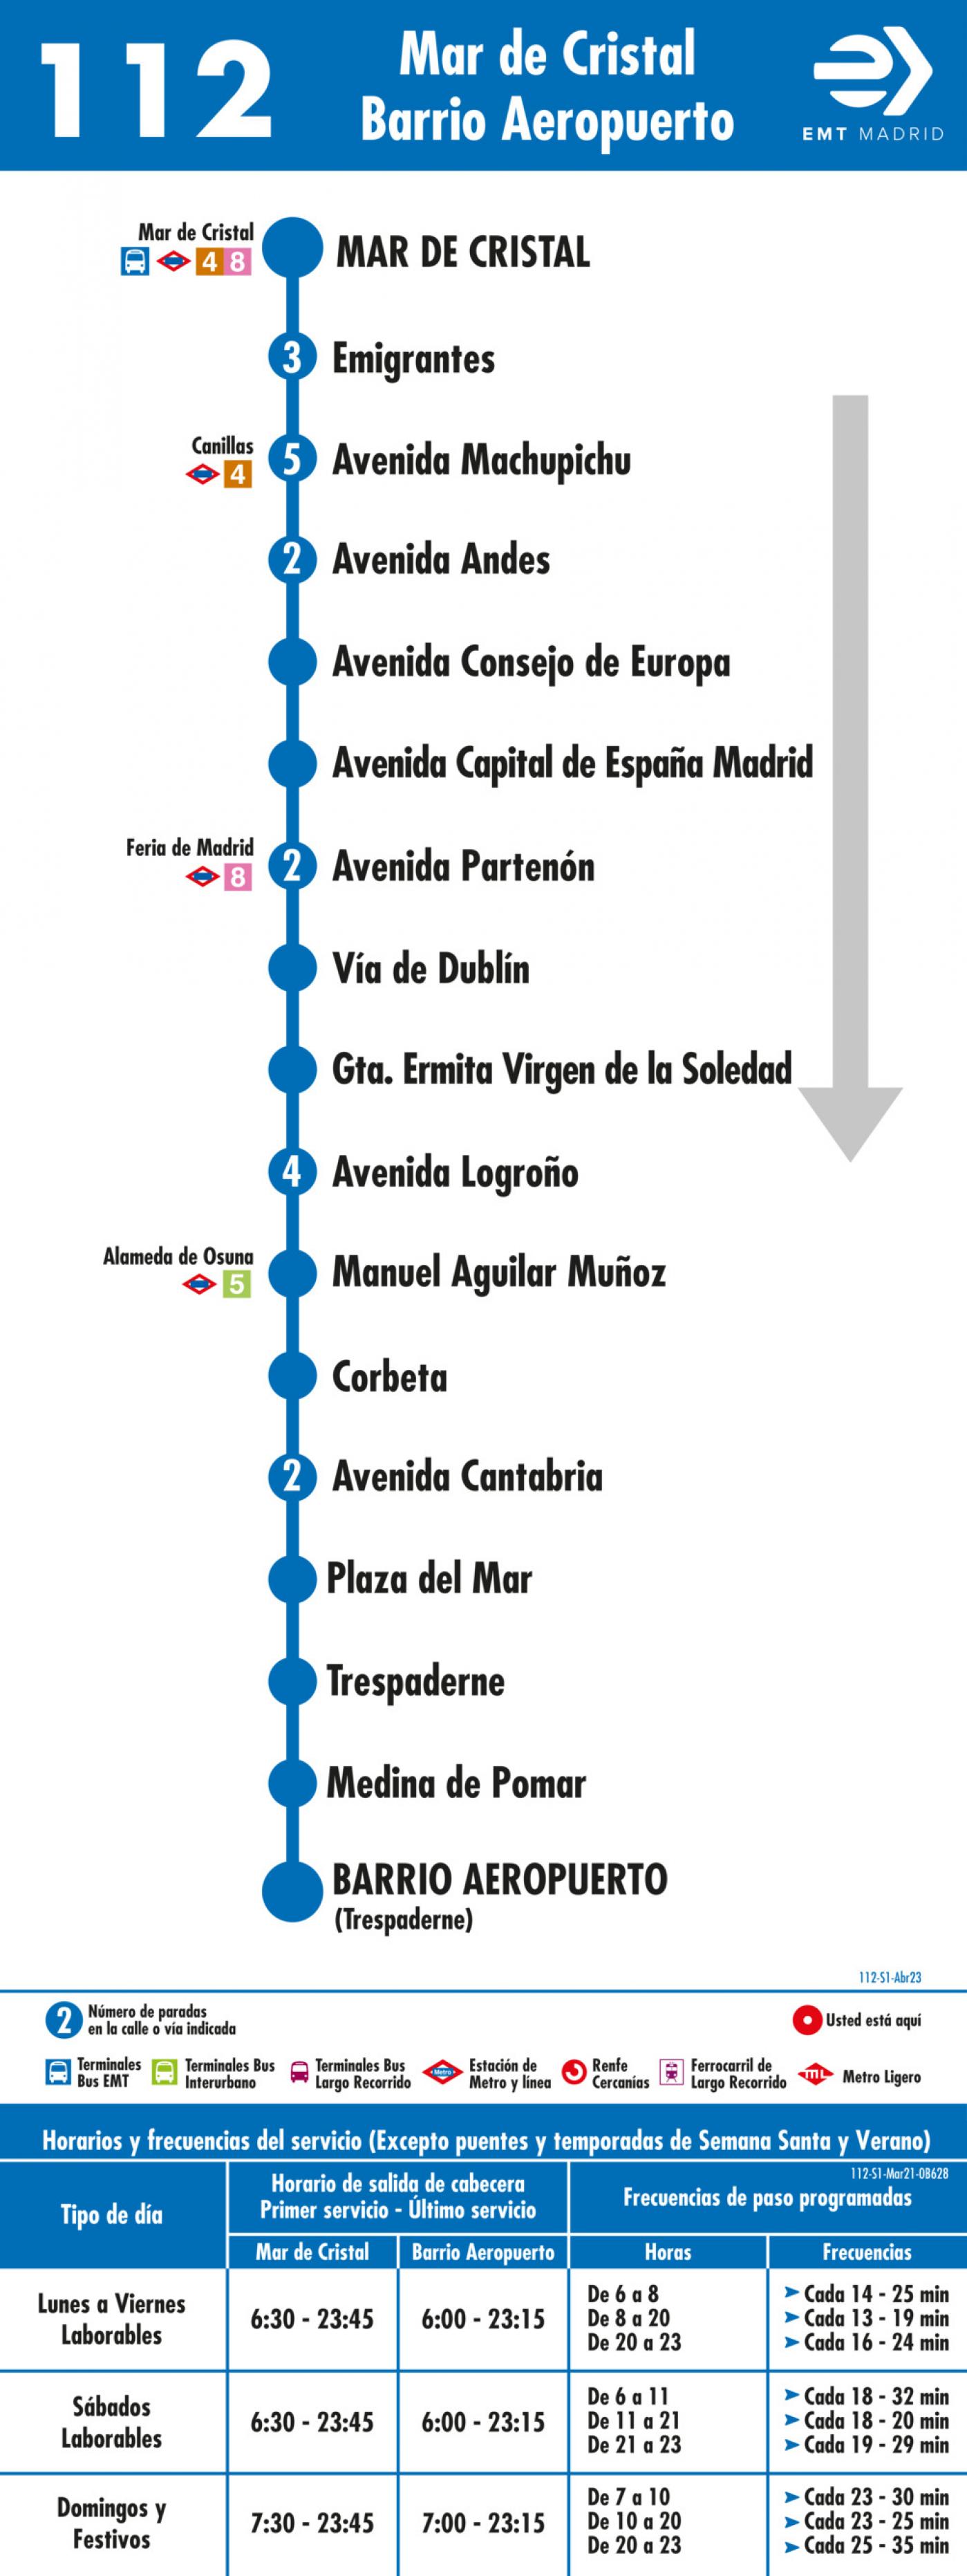 Tabla de horarios y frecuencias de paso en sentido ida Línea 112: Mar de Cristal - Barrio del Aeropuerto